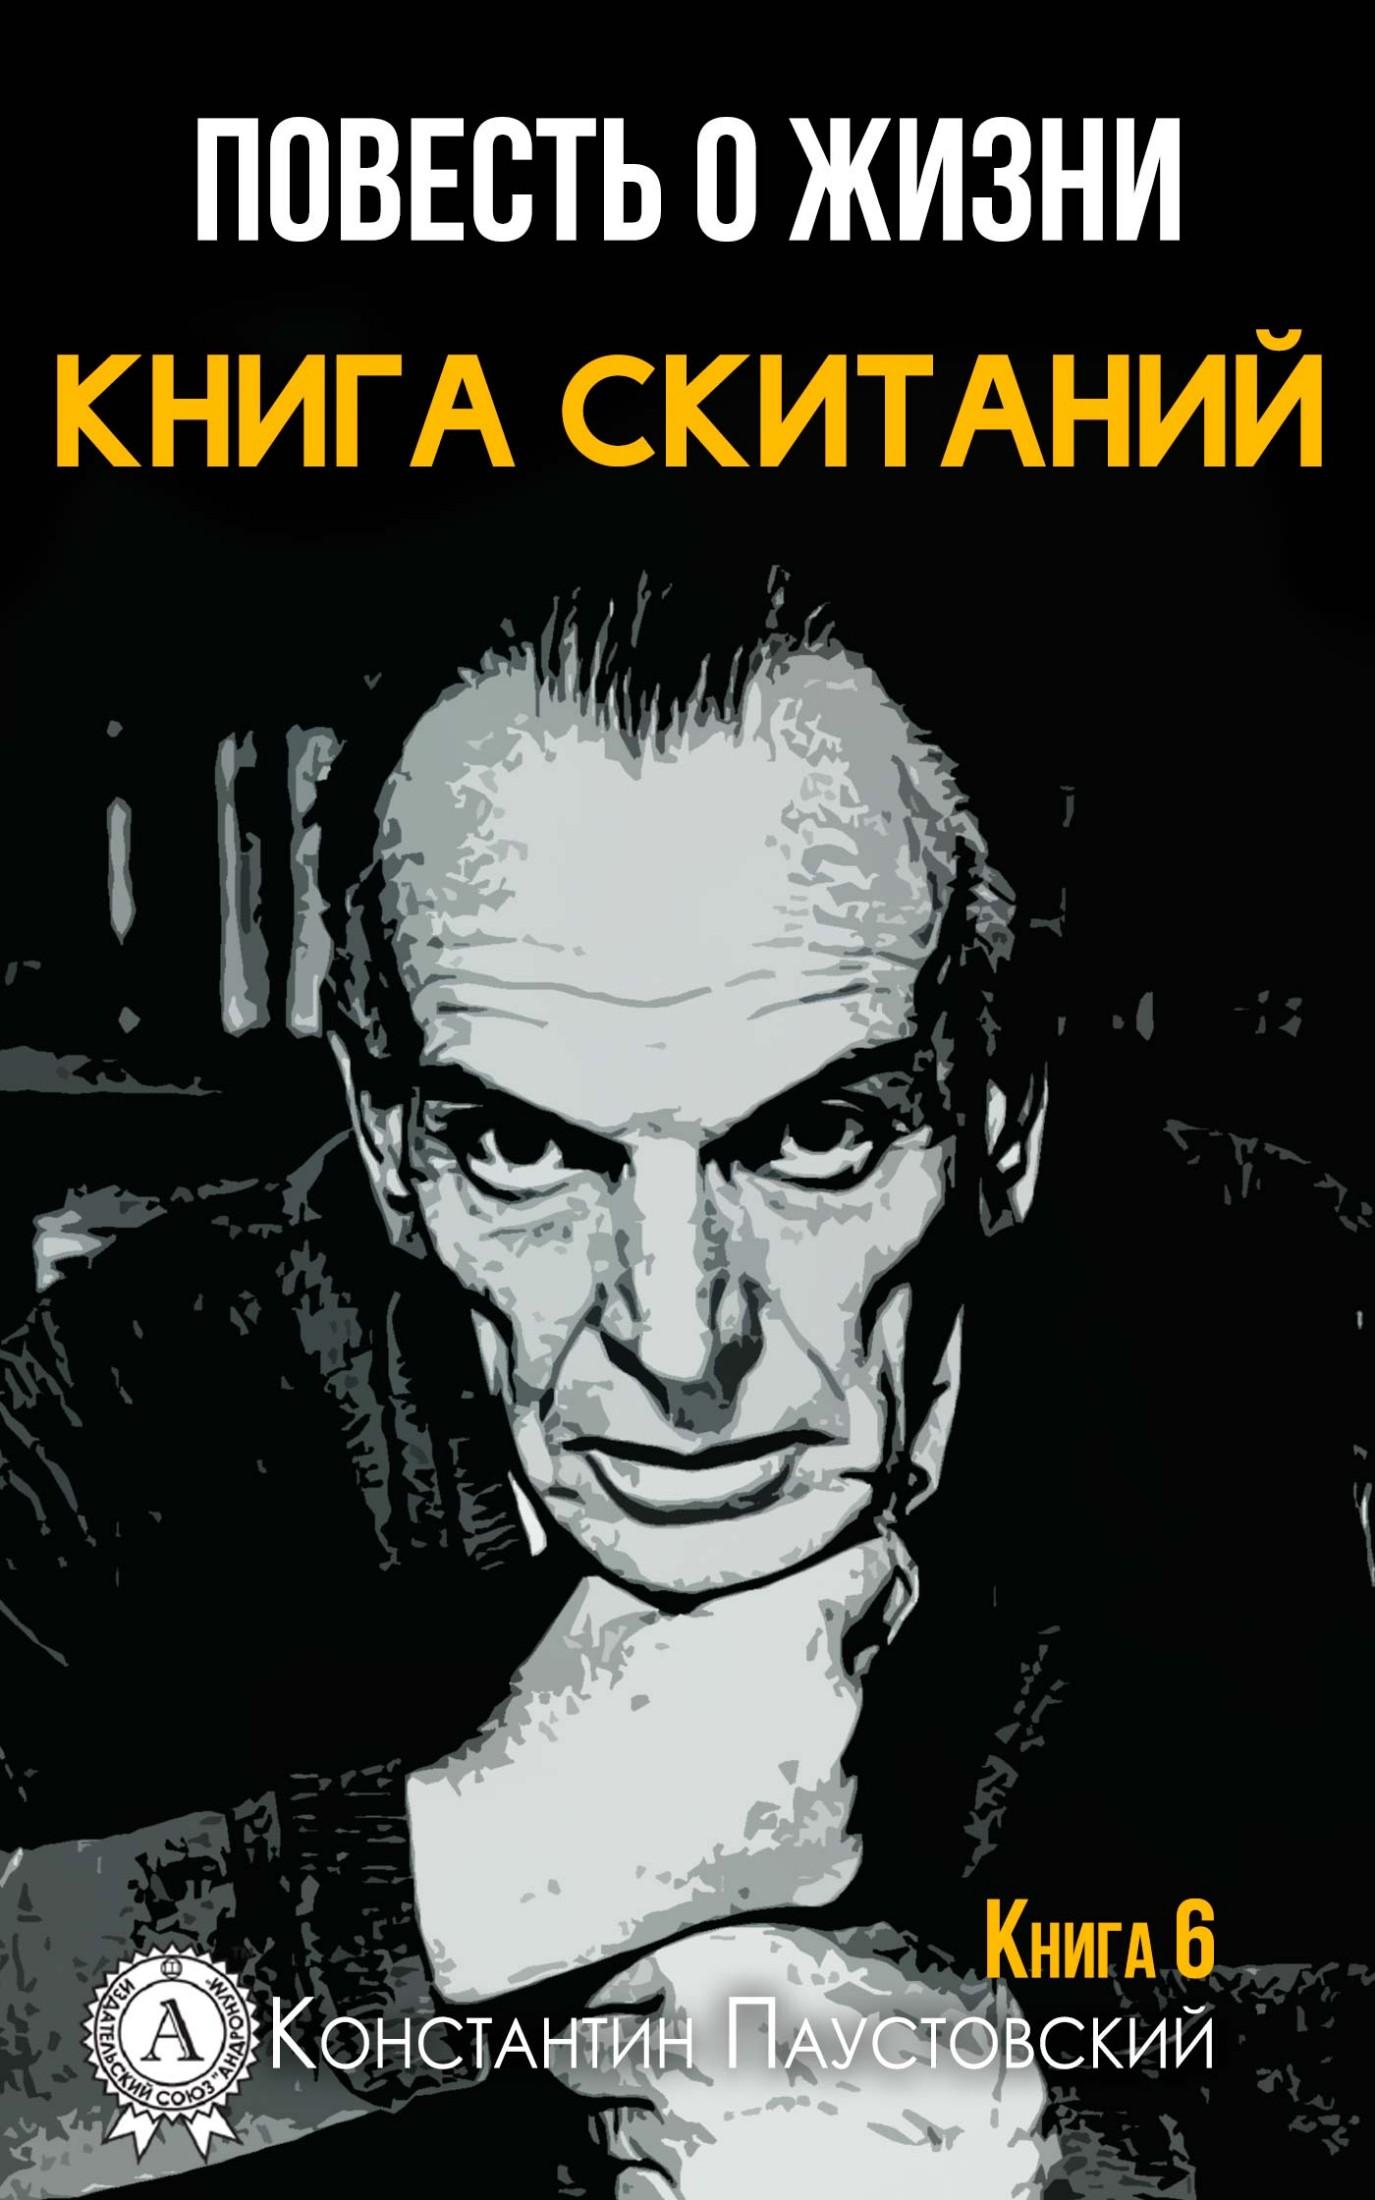 Костянтин Паустовський Книга Скитаний